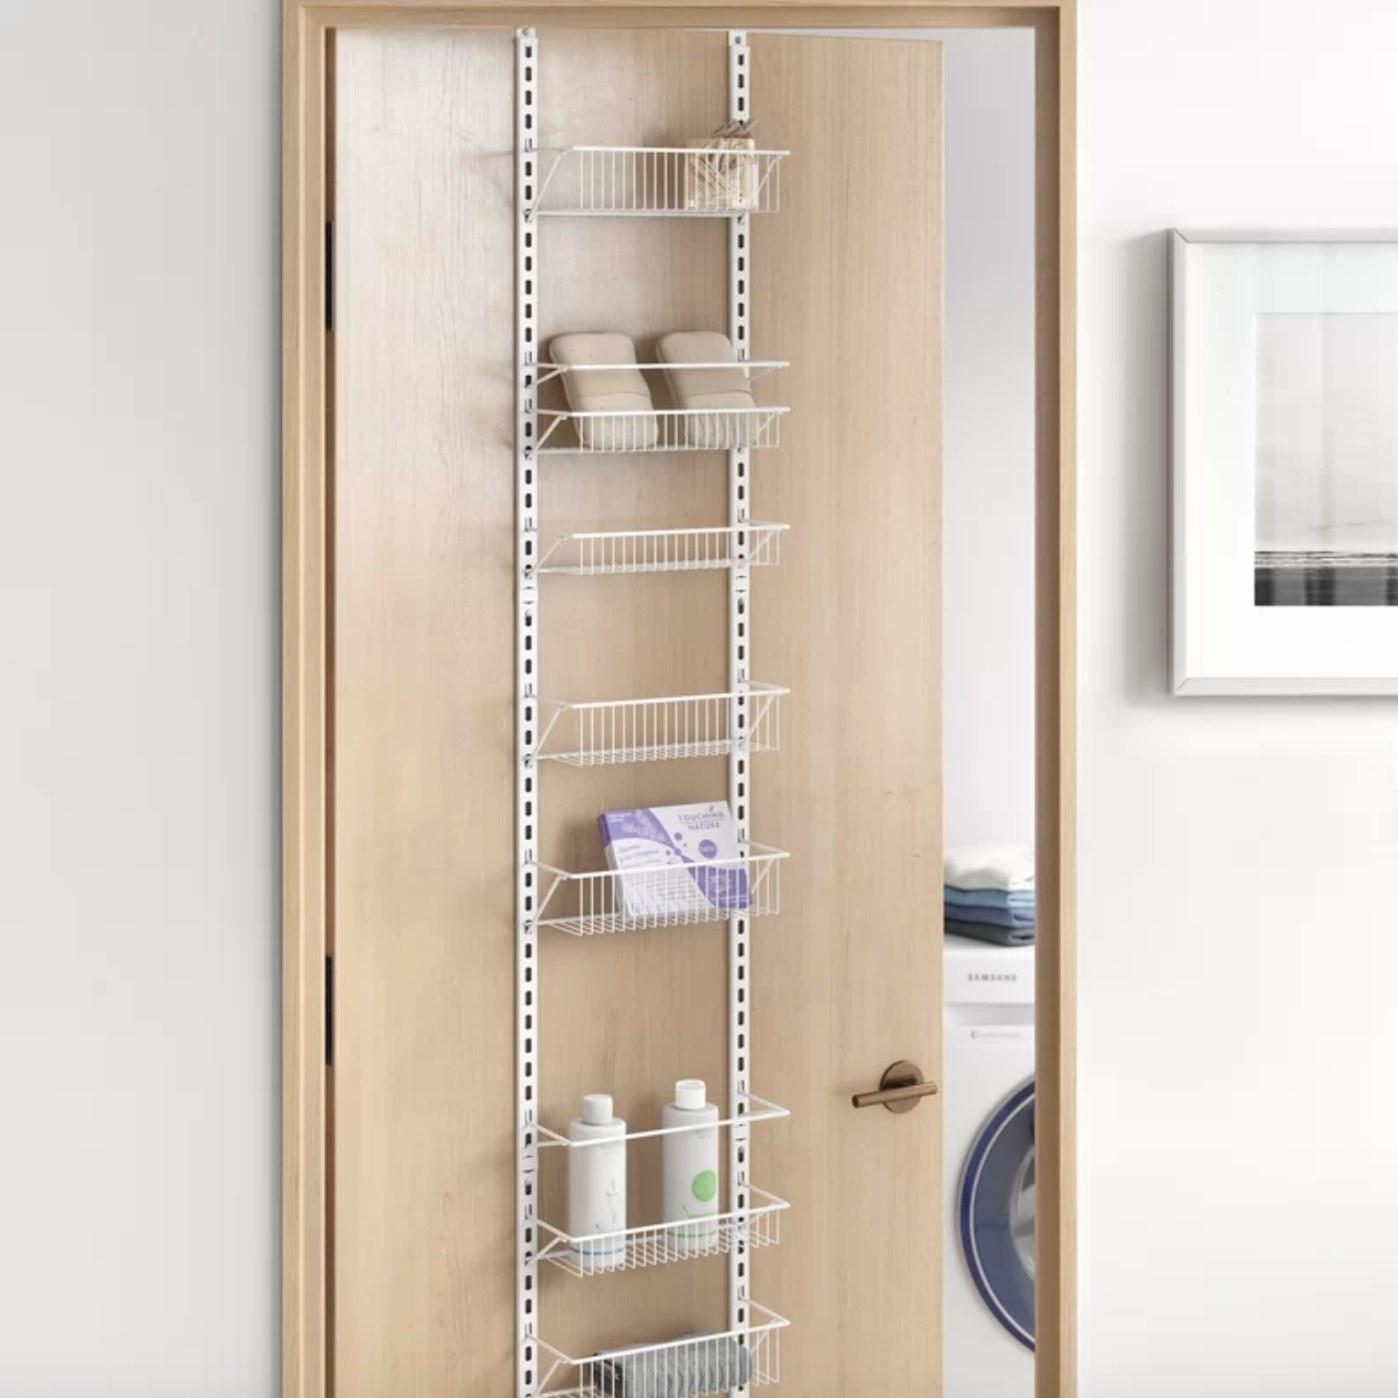 The cabinet door organizer in white